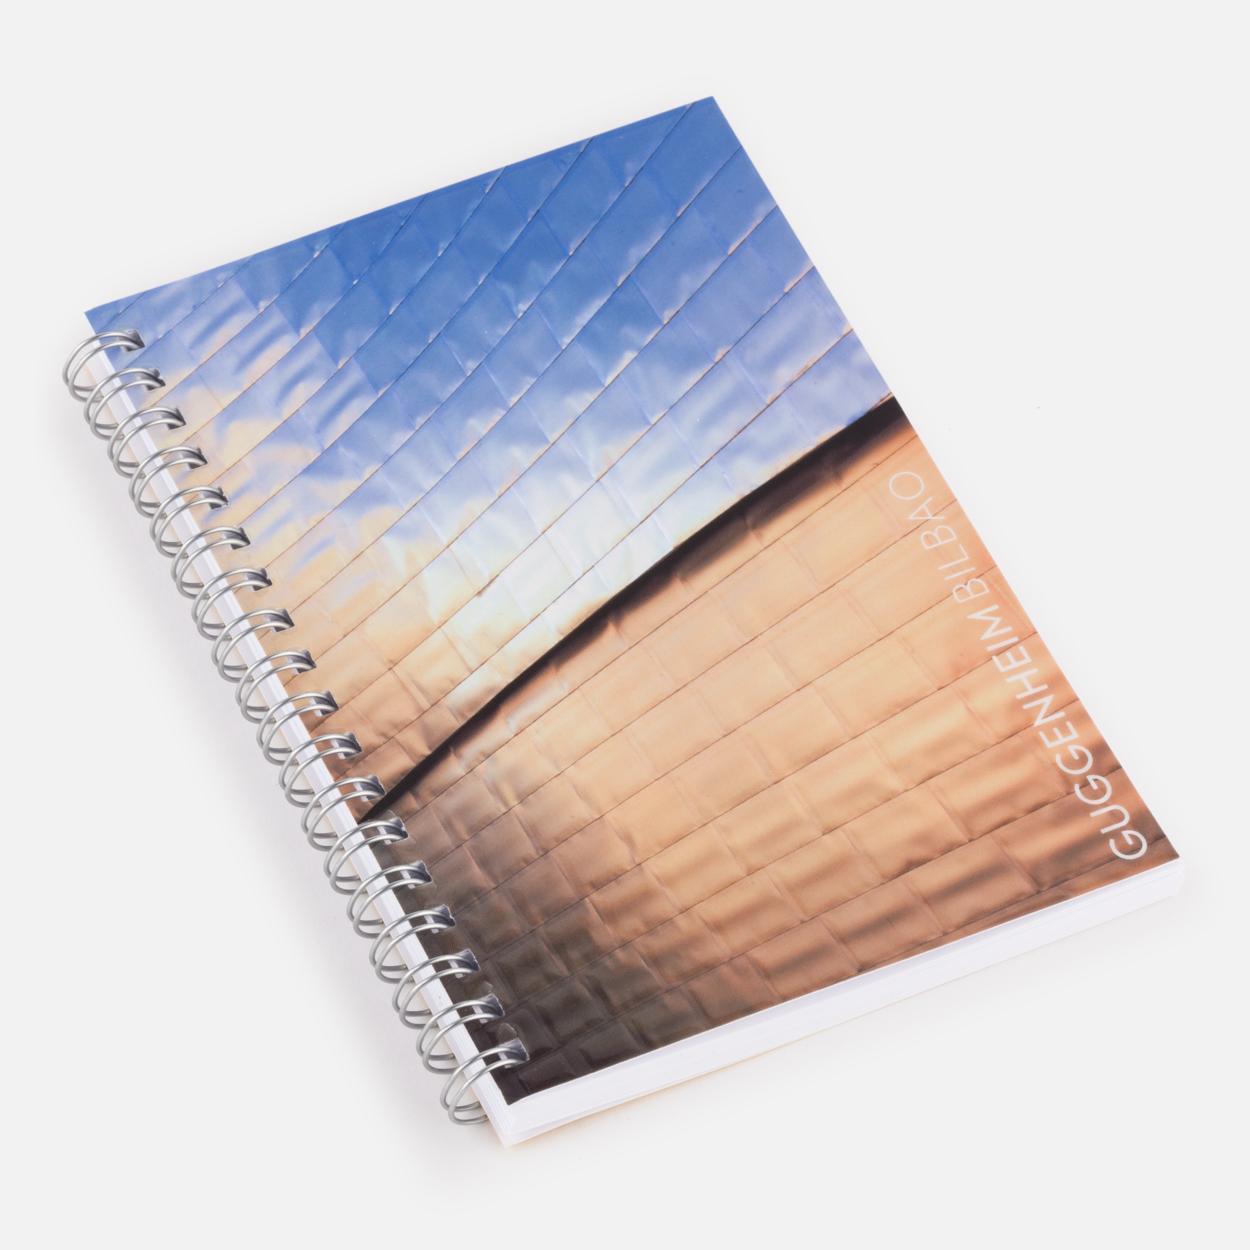 Titanium notebook